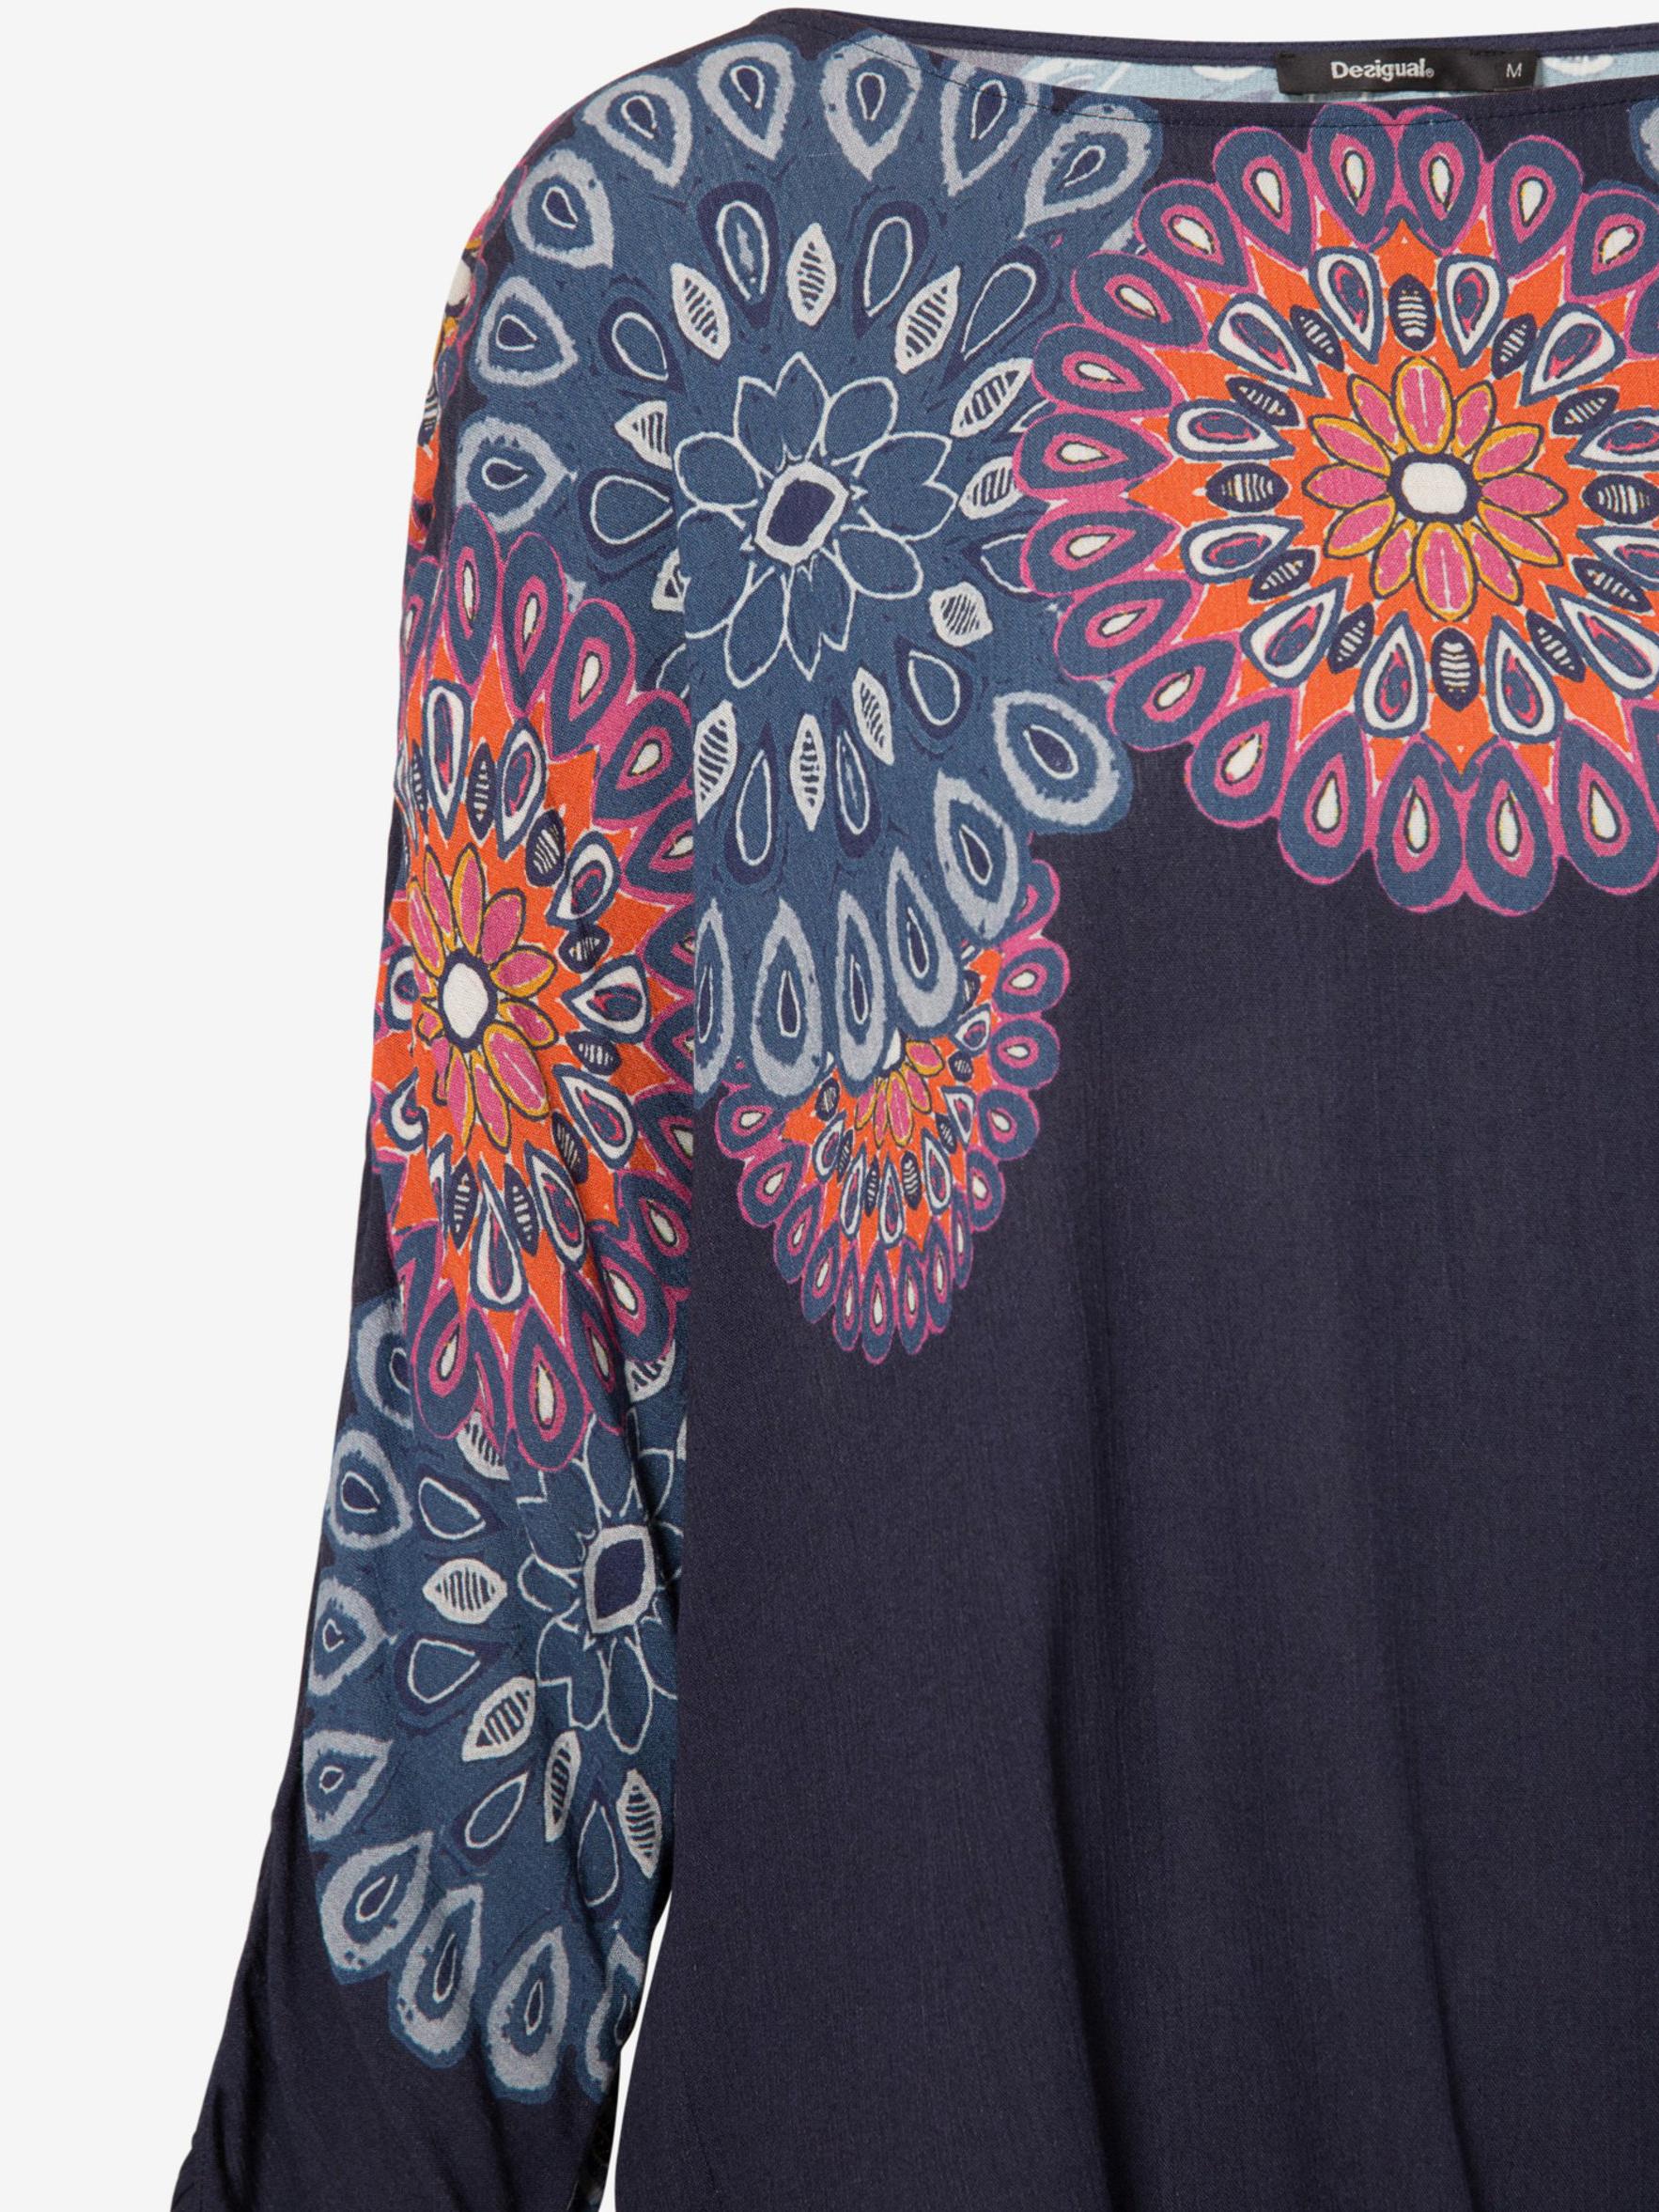 Desigual Women's blouse blue Top